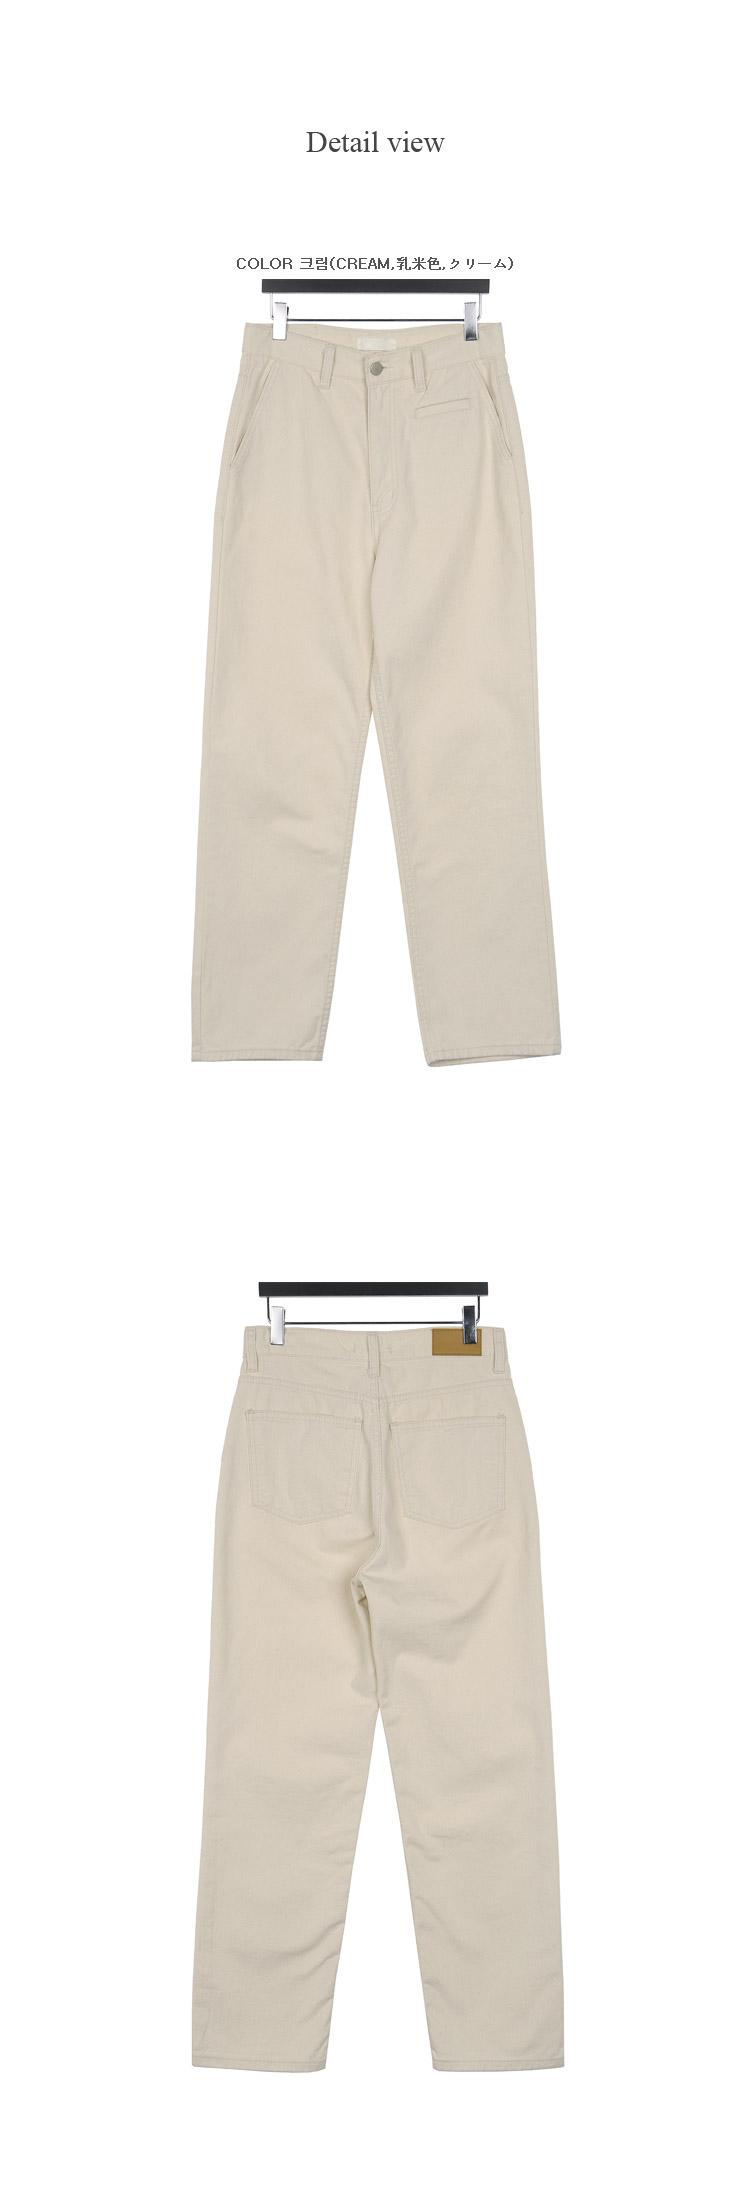 Benico pants S